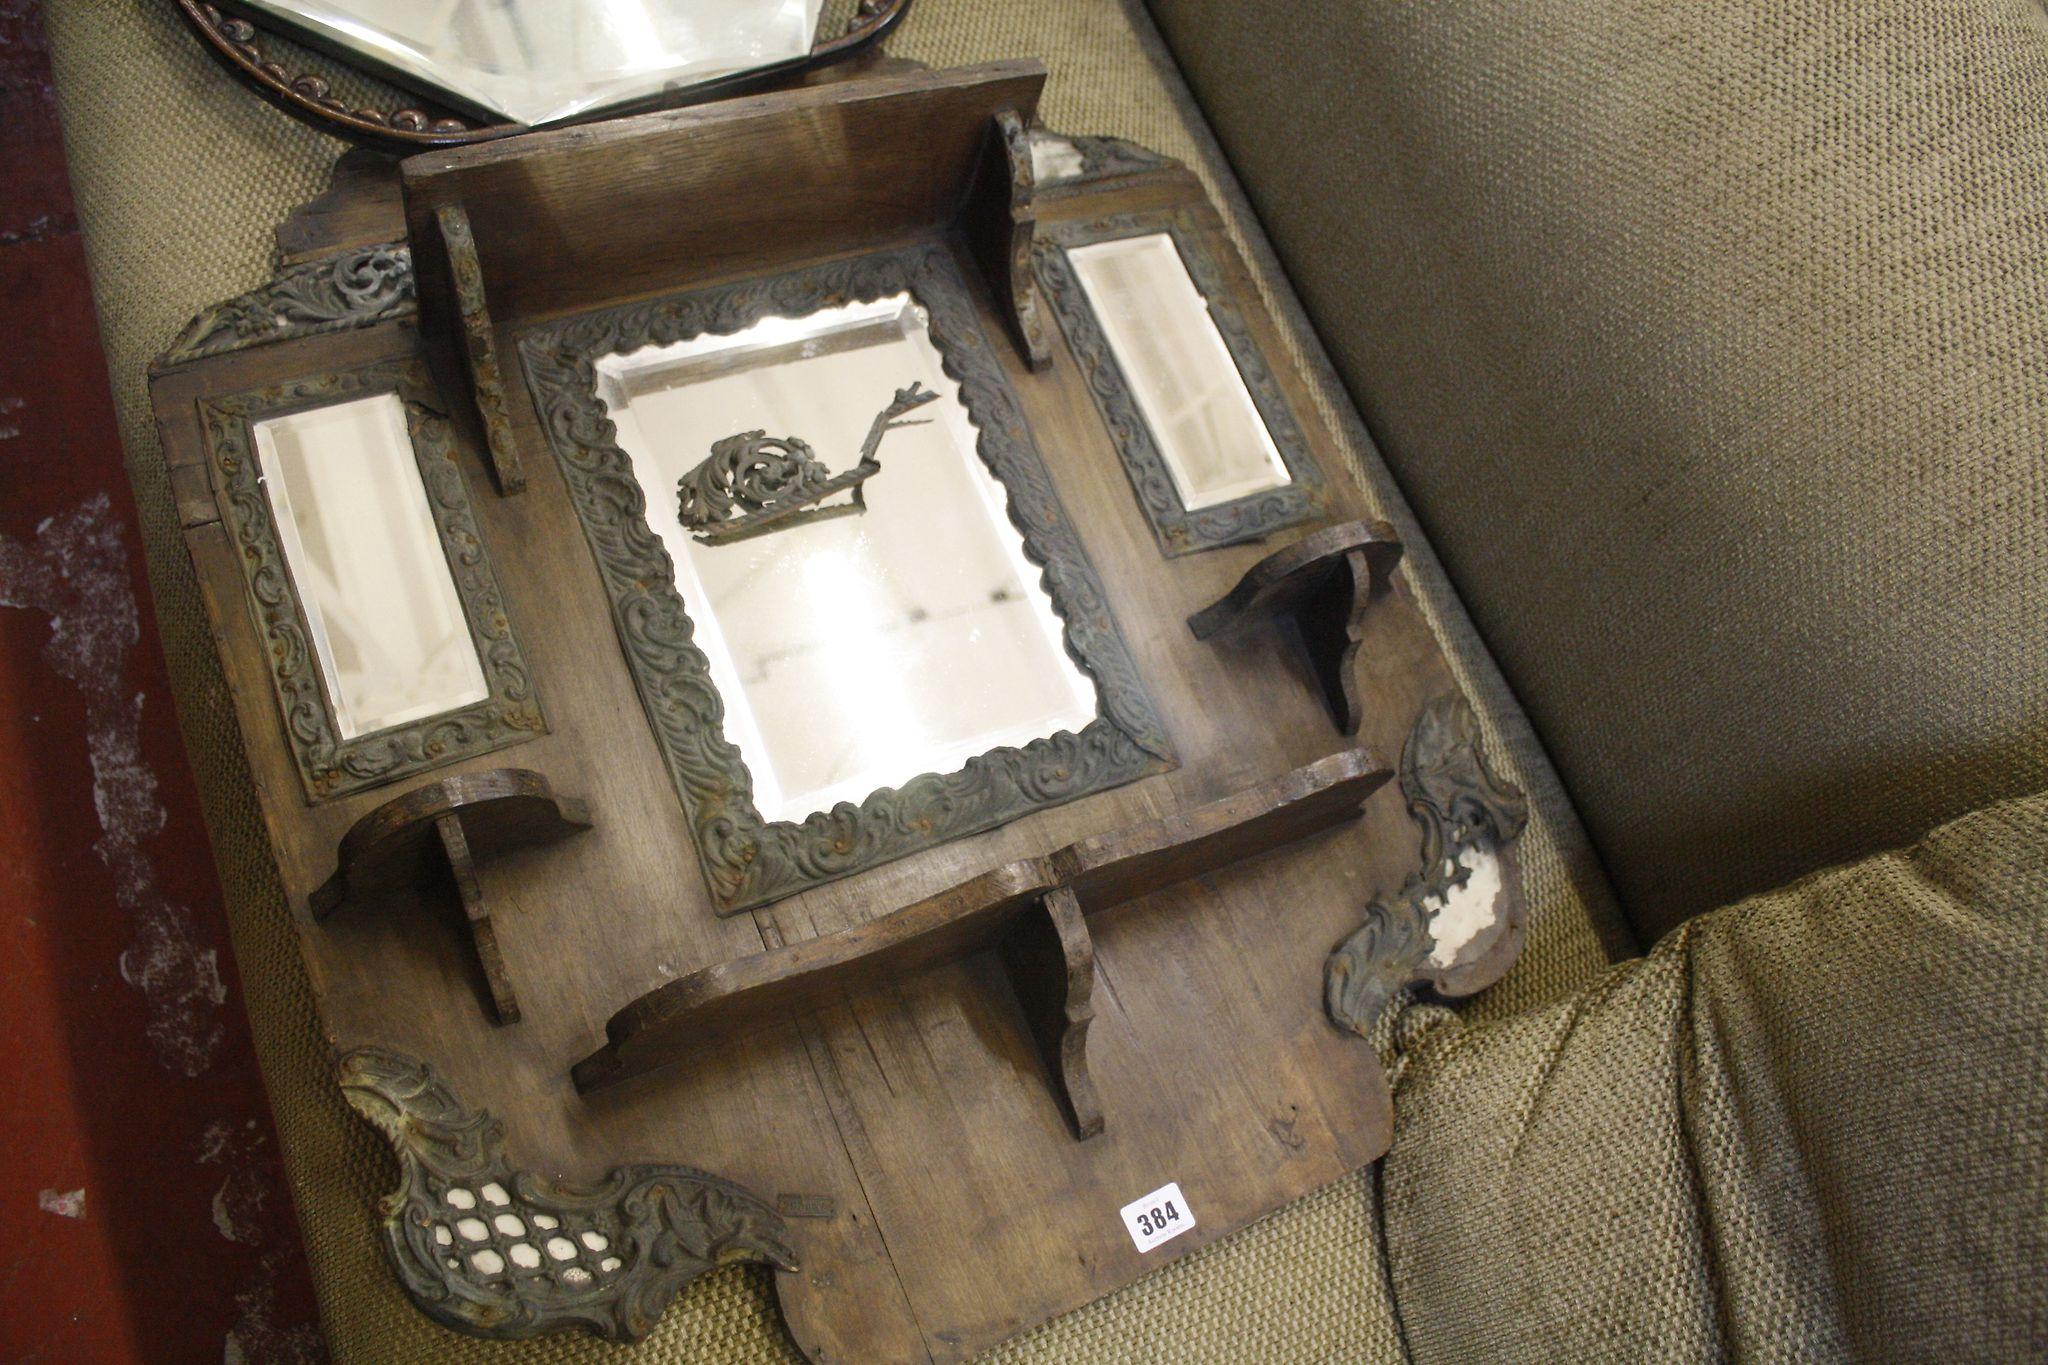 An oak framed hanging mirror